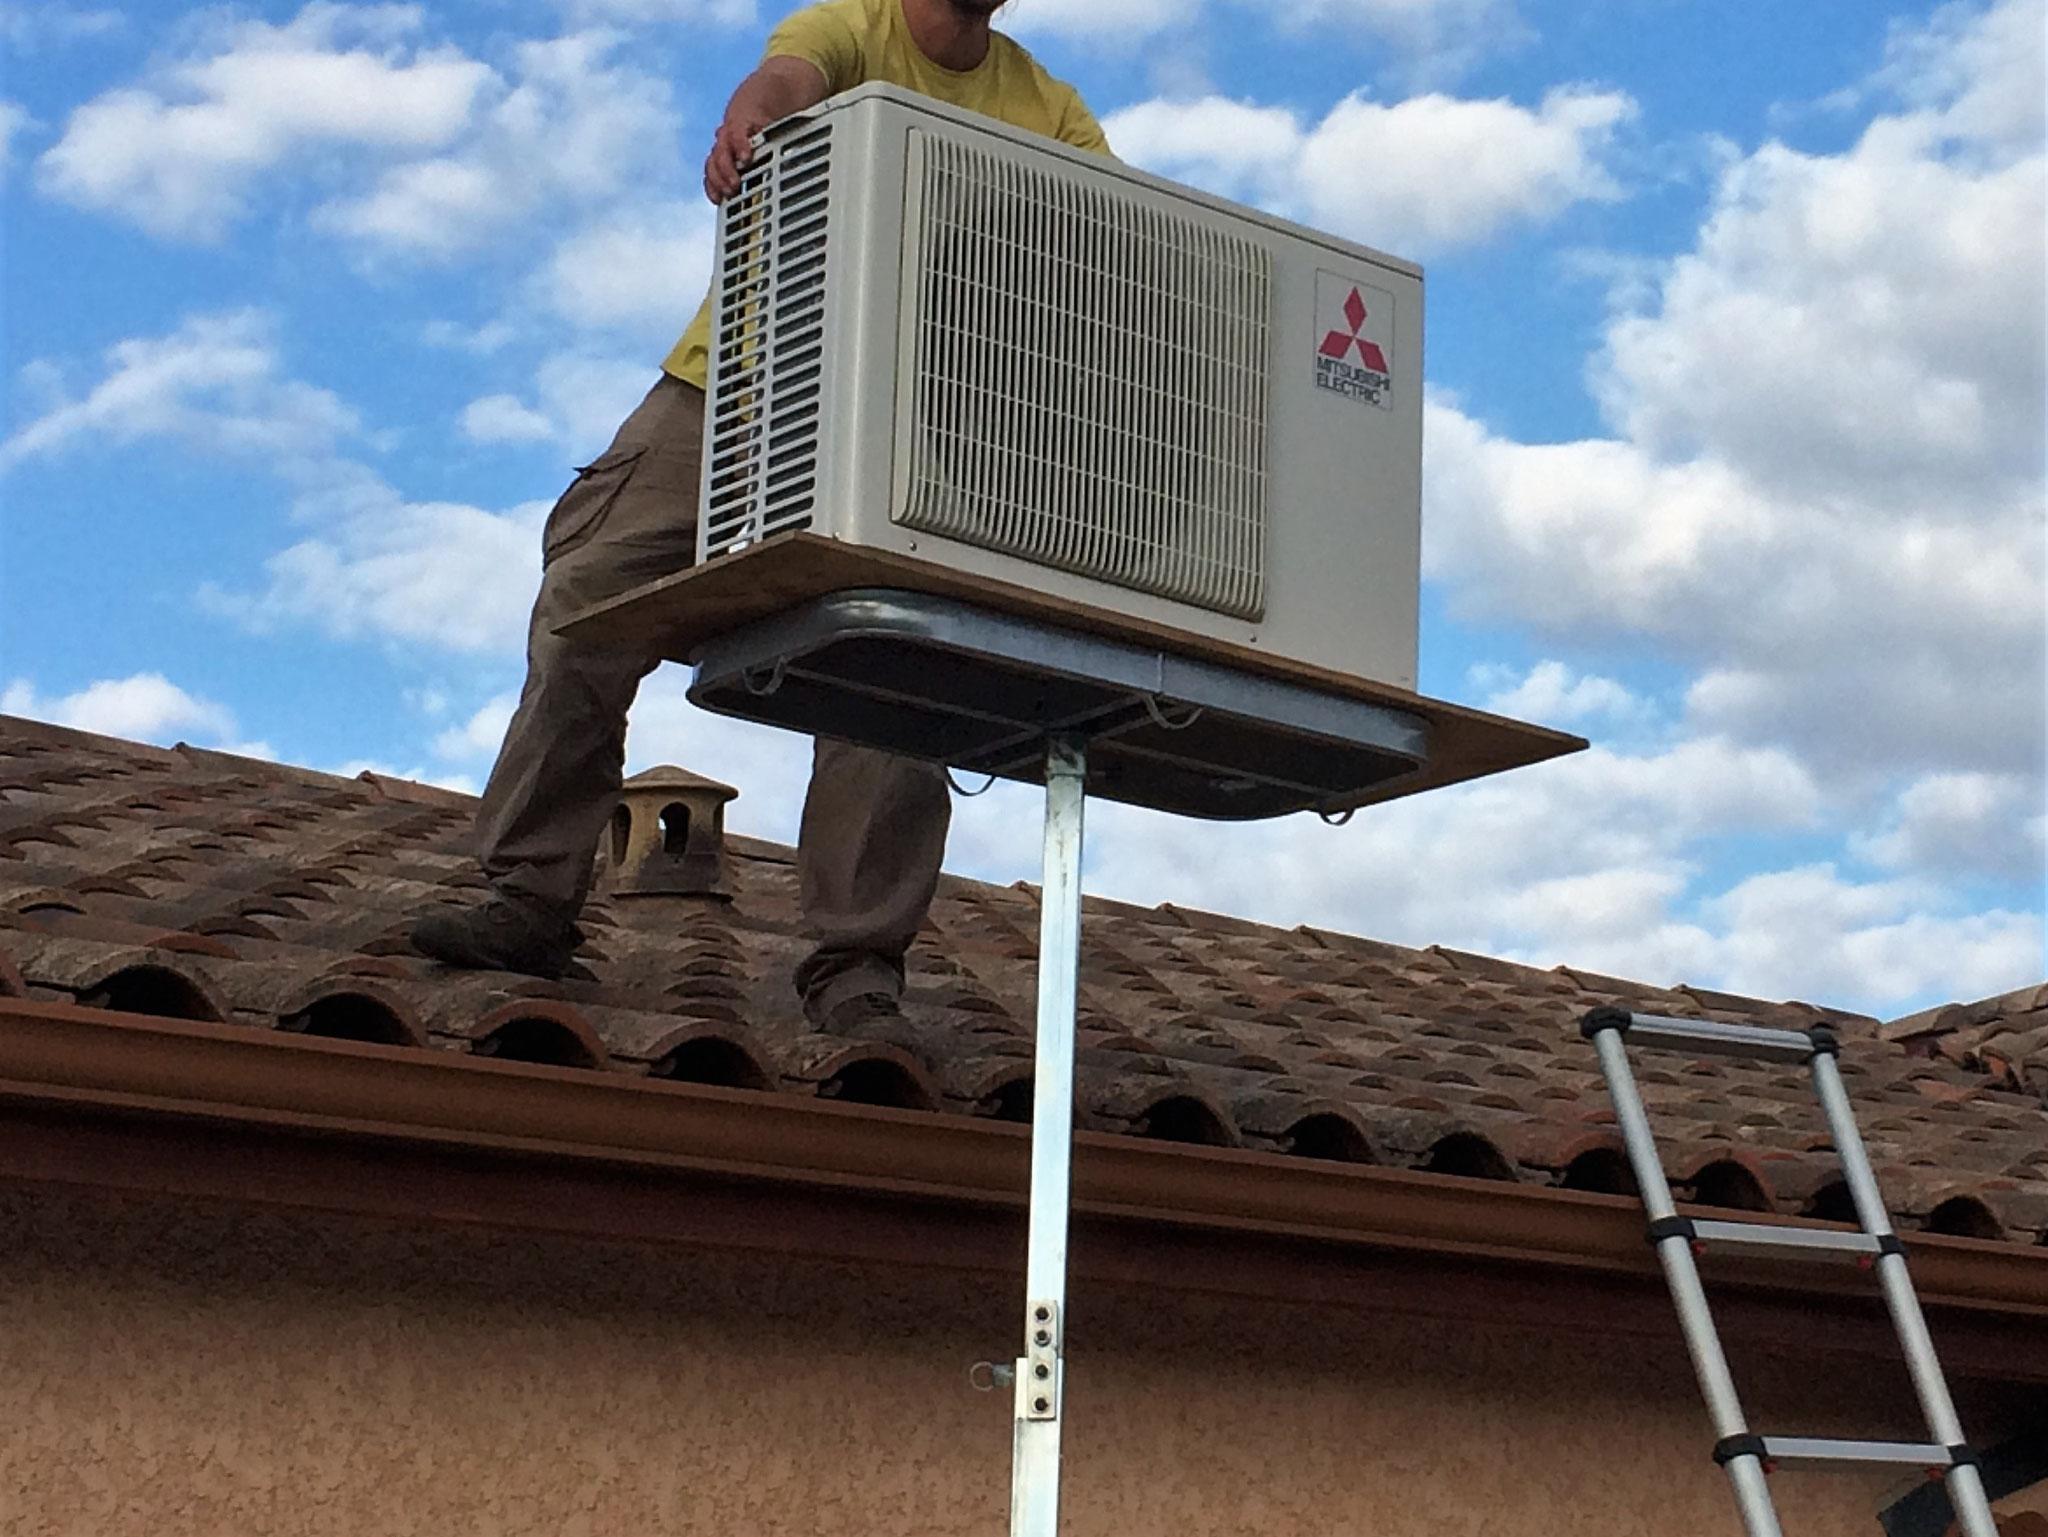 Installation d'une climatisation sur toiture à l'aide d'un élévateur manuel